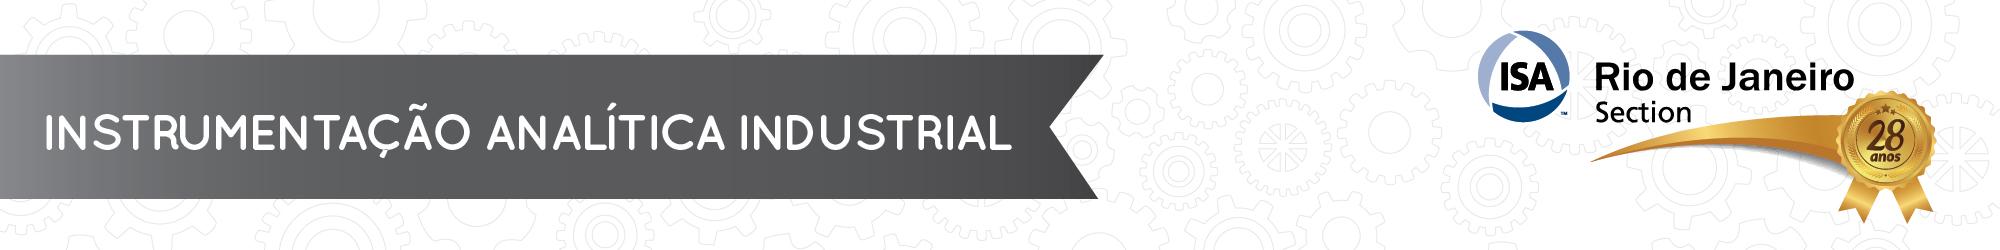 curso-instrumentacaoanaliticaindustrial-03